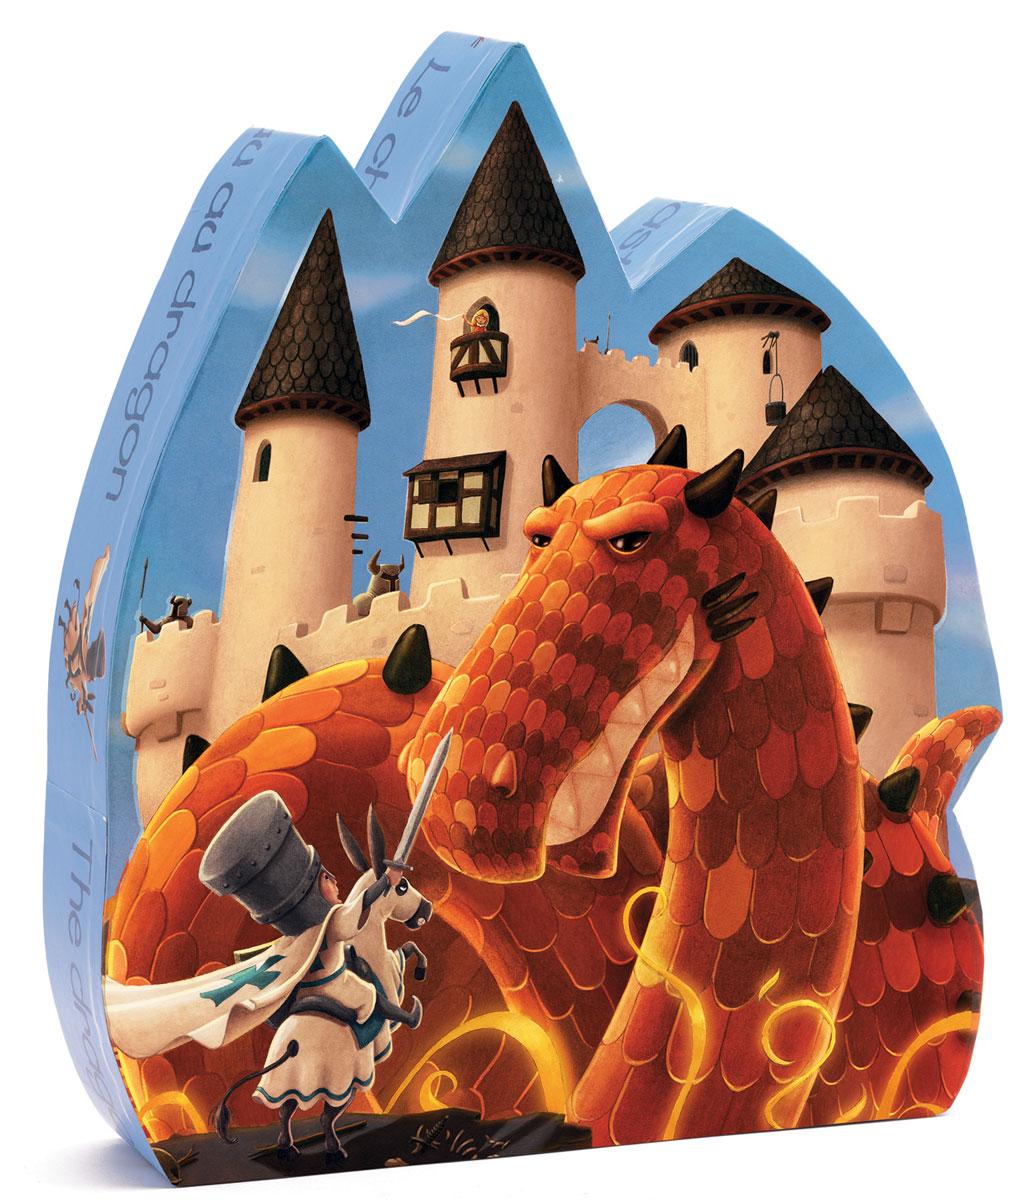 Djeco Пазл для малышей Замок дракона07250Пазл Замок дракона (07250) - замечательный пазл из 54 деталей в красочной коробке понравится как мальчикам, так и девочкам! Пазл с волшебным сюжетом, изображающим сказочного дракона и его прекрасный замок заинтересует любого малыша и он с удовольствием проведет время, собирая красивую картинку. Детали пазла имеют небольшой размер, удобный для маленьких детских ручек. Пазлы DJECO привлекают внимание своими яркими красками, красивыми рисунками и высоким качеством материала. Игра с пазлами способствует развитию сенсомоторной координации и мелкой моторики рук, логике, воображению и памяти, приучает к усидчивости и аккуратности.